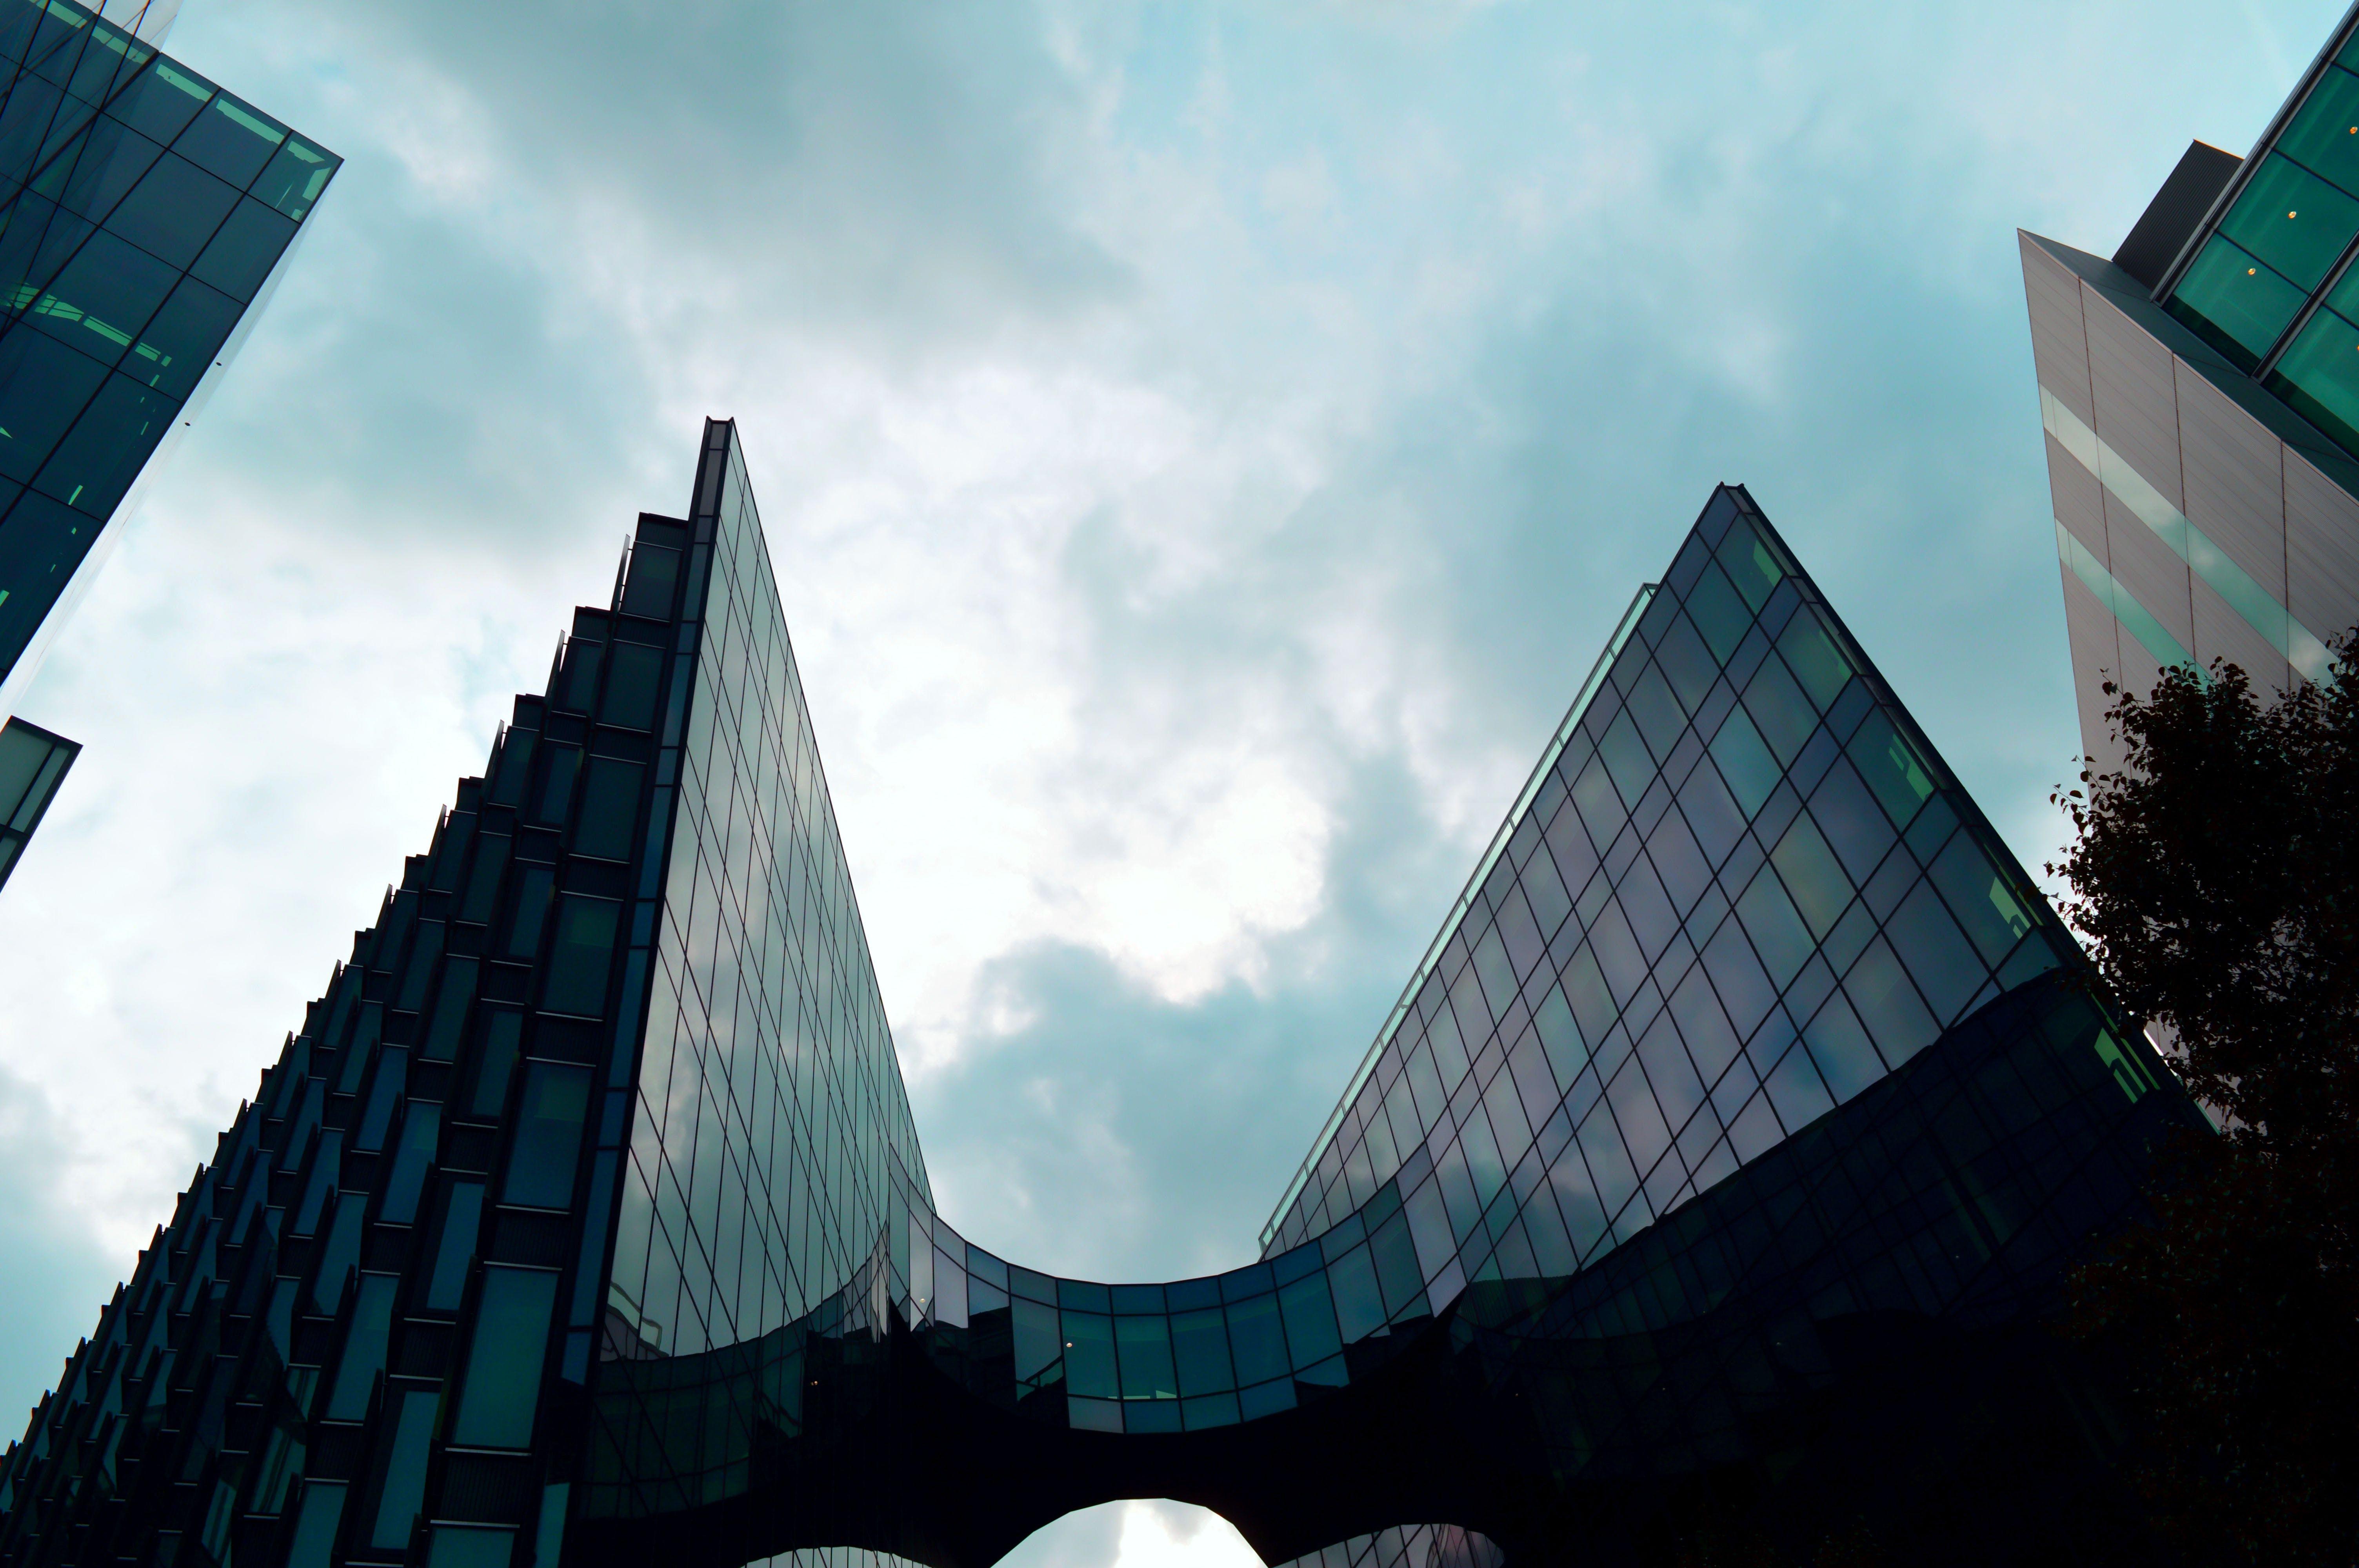 ガラス, ガラス窓, ファイナンス, ローアングルショットの無料の写真素材